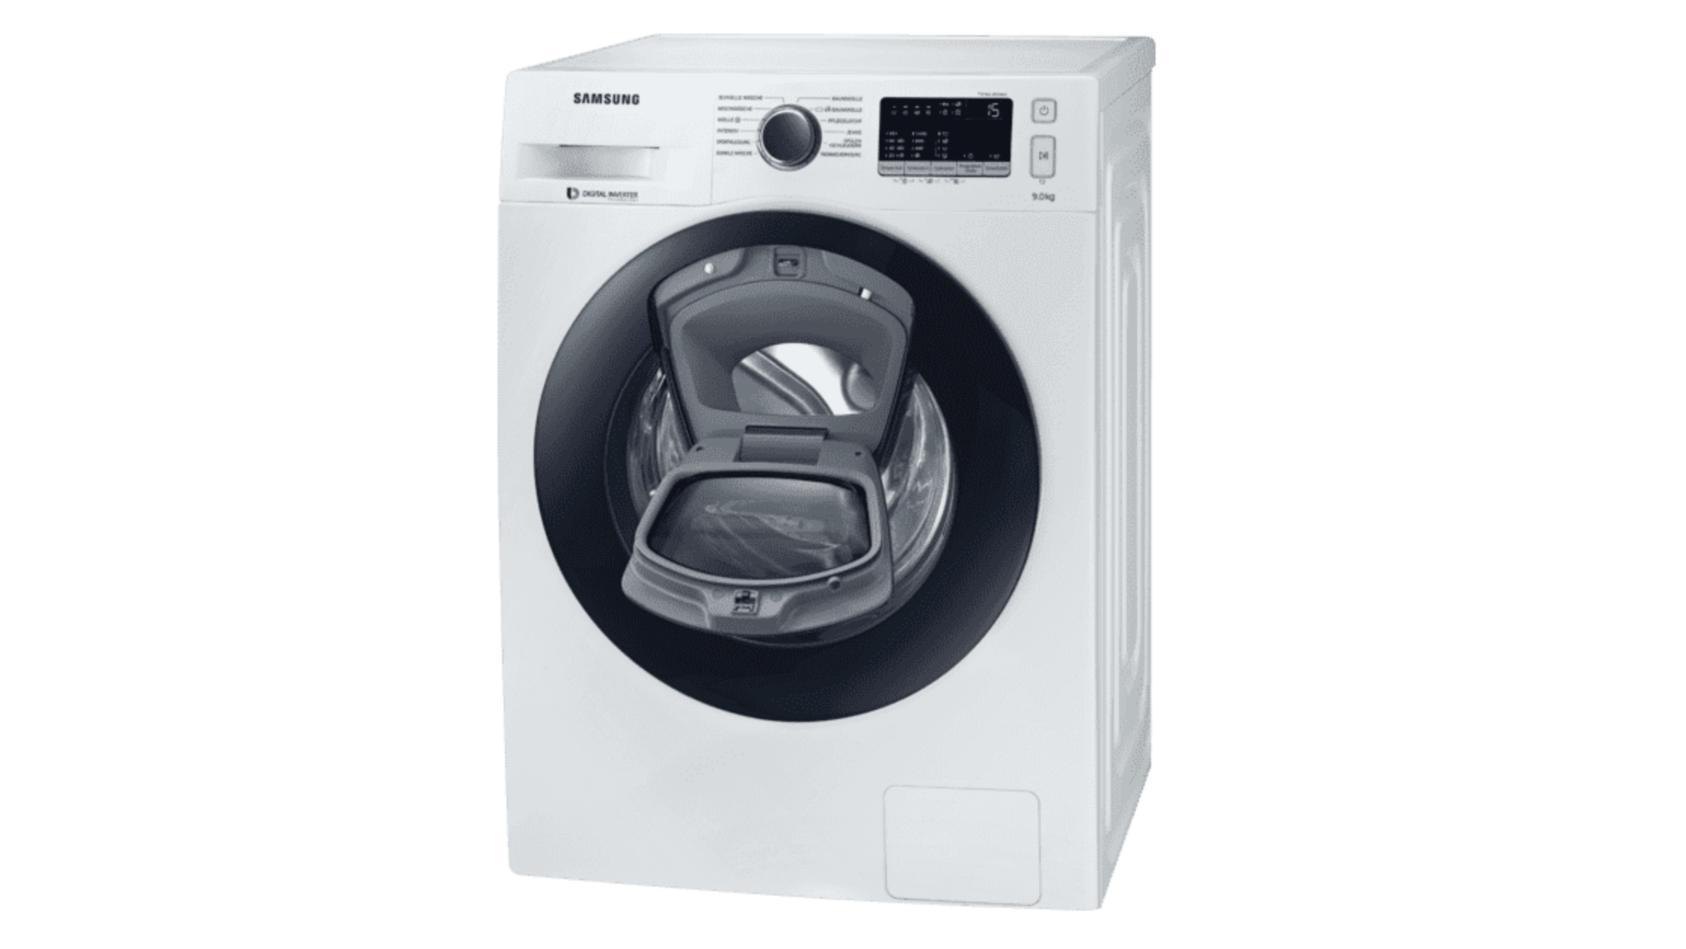 Samsungs Waschmaschine WW90K44205W/EG ist derzeit bei Saturn im Angebot.